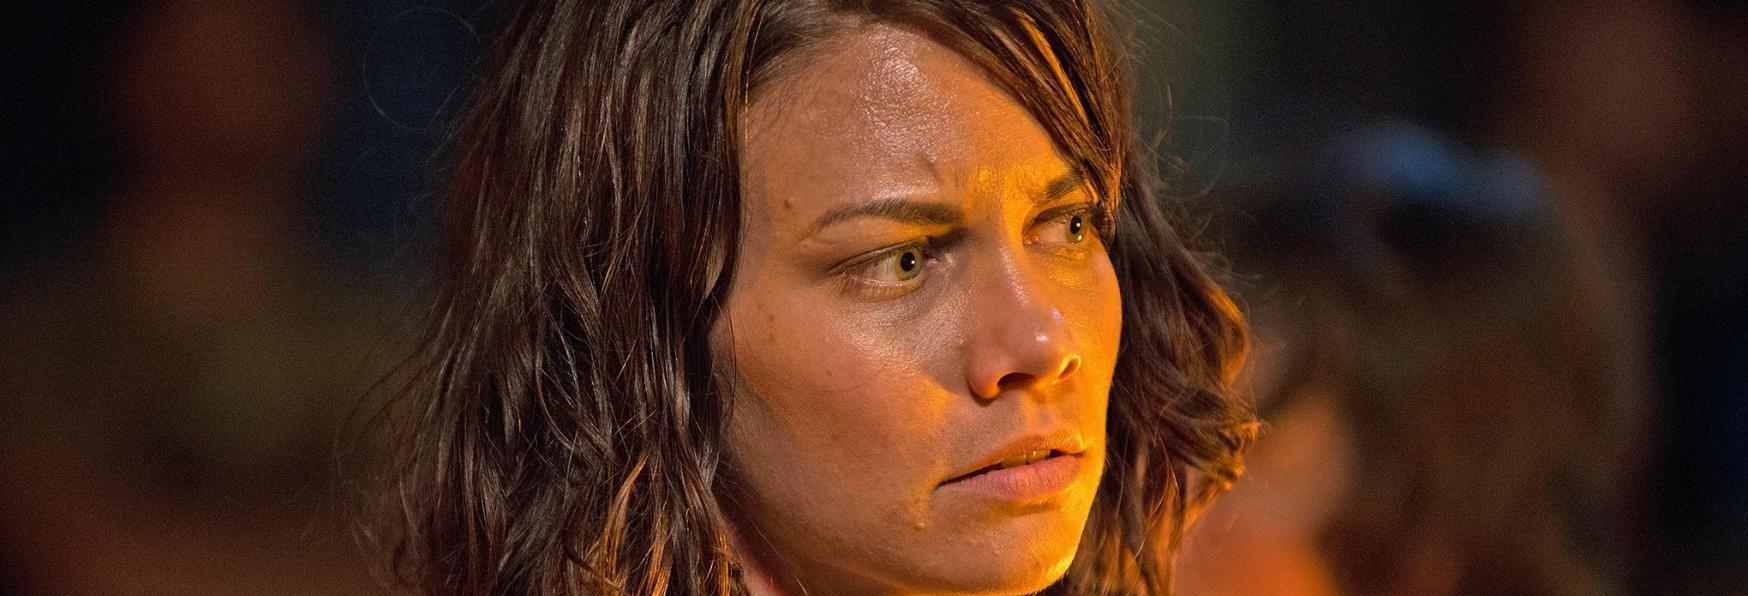 The Walking Dead: la Showrunner svela alcuni nuovi Dettagli sulla Storia di Maggie